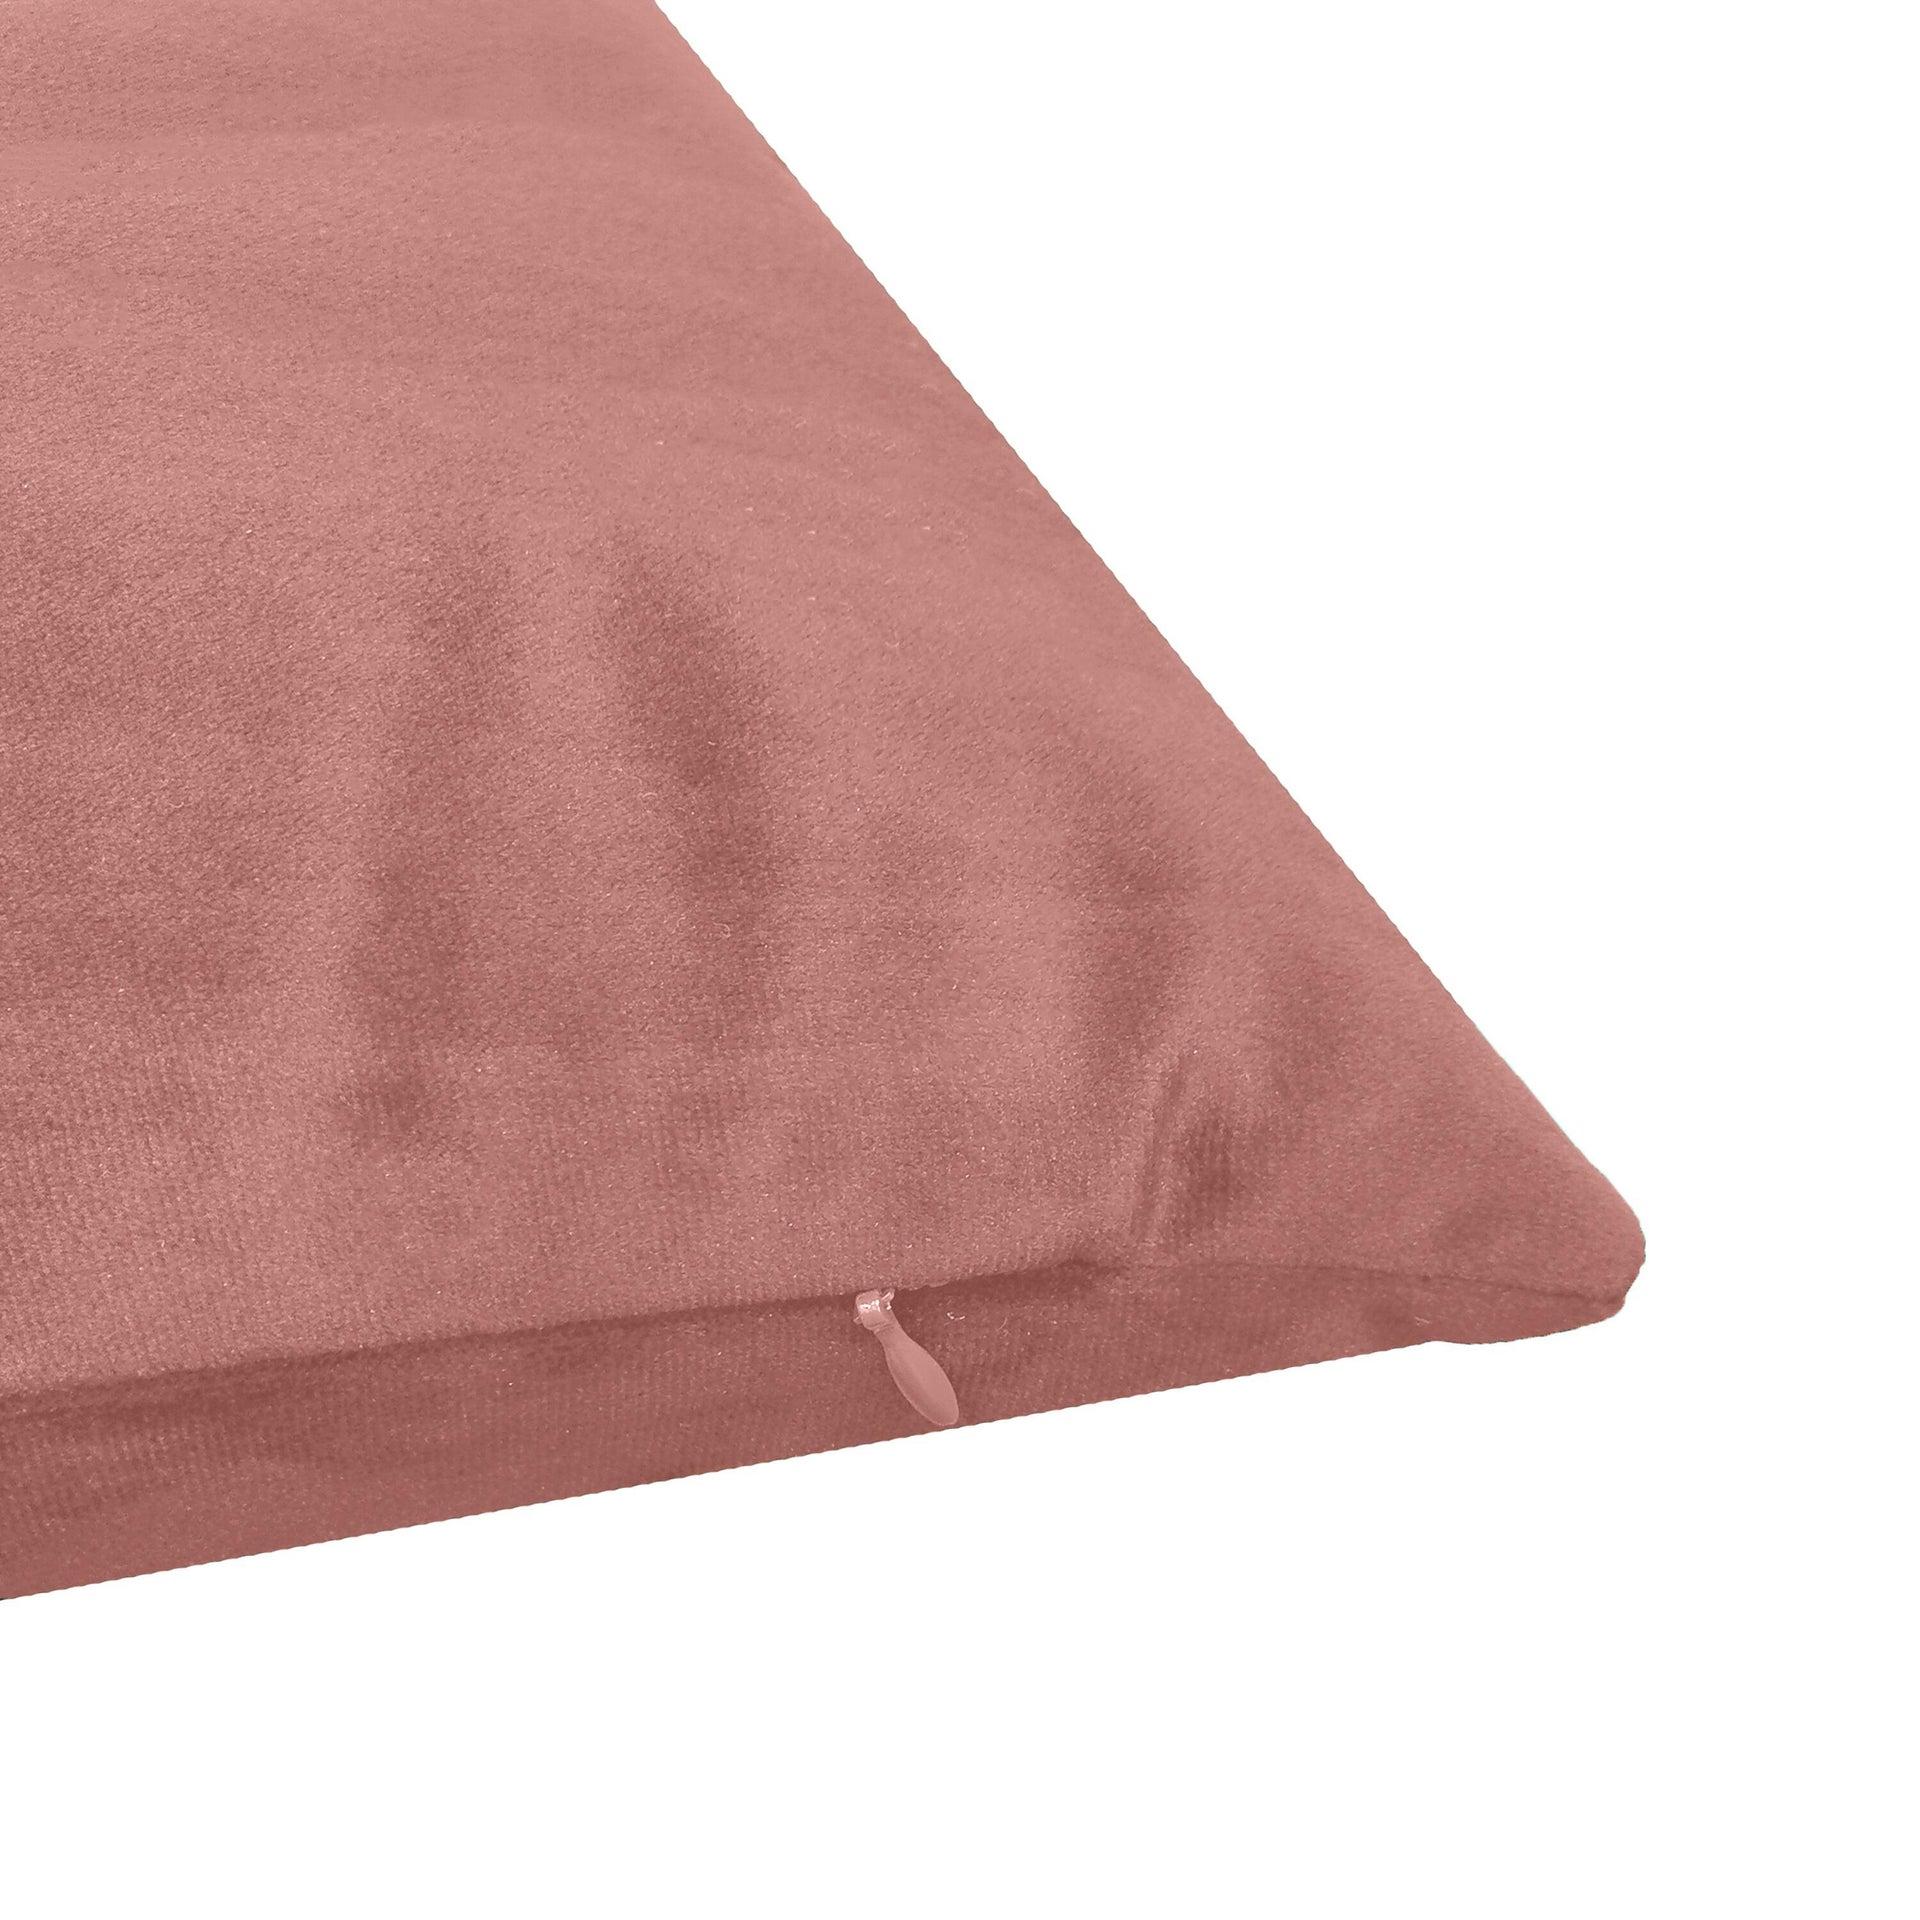 Cuscino INSPIRE Tony rosa 45x45 cm - 3